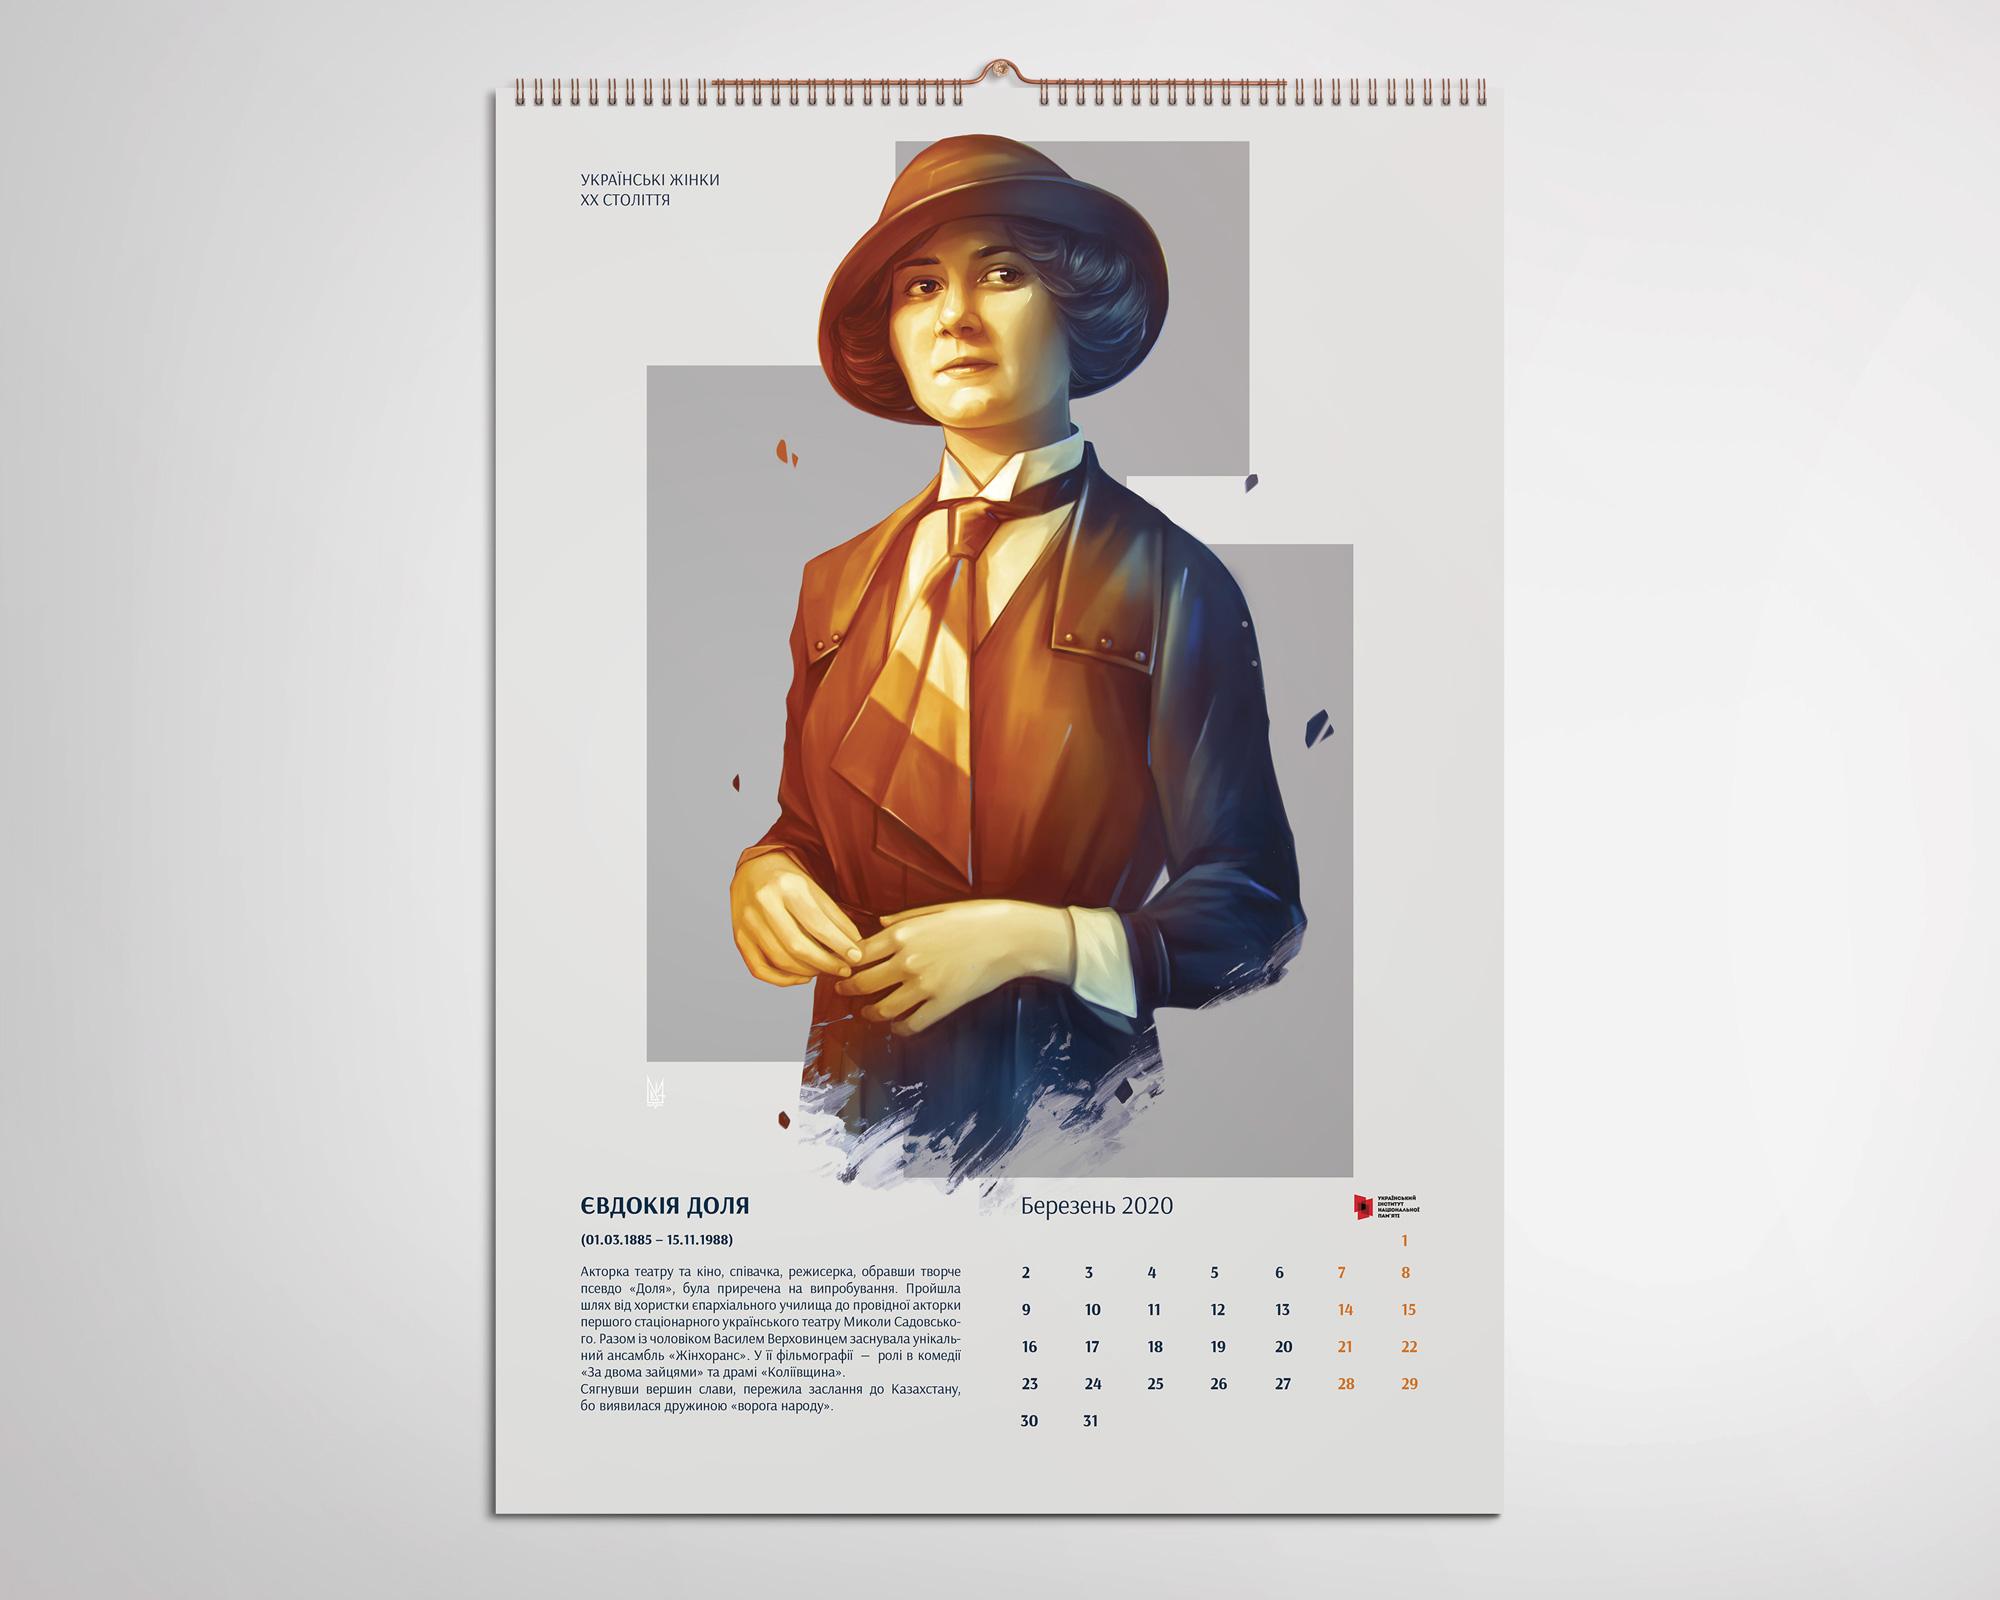 Кожен лист календаря описує історію однієї із 12 жінок, діяльність яких вплинула на історію України